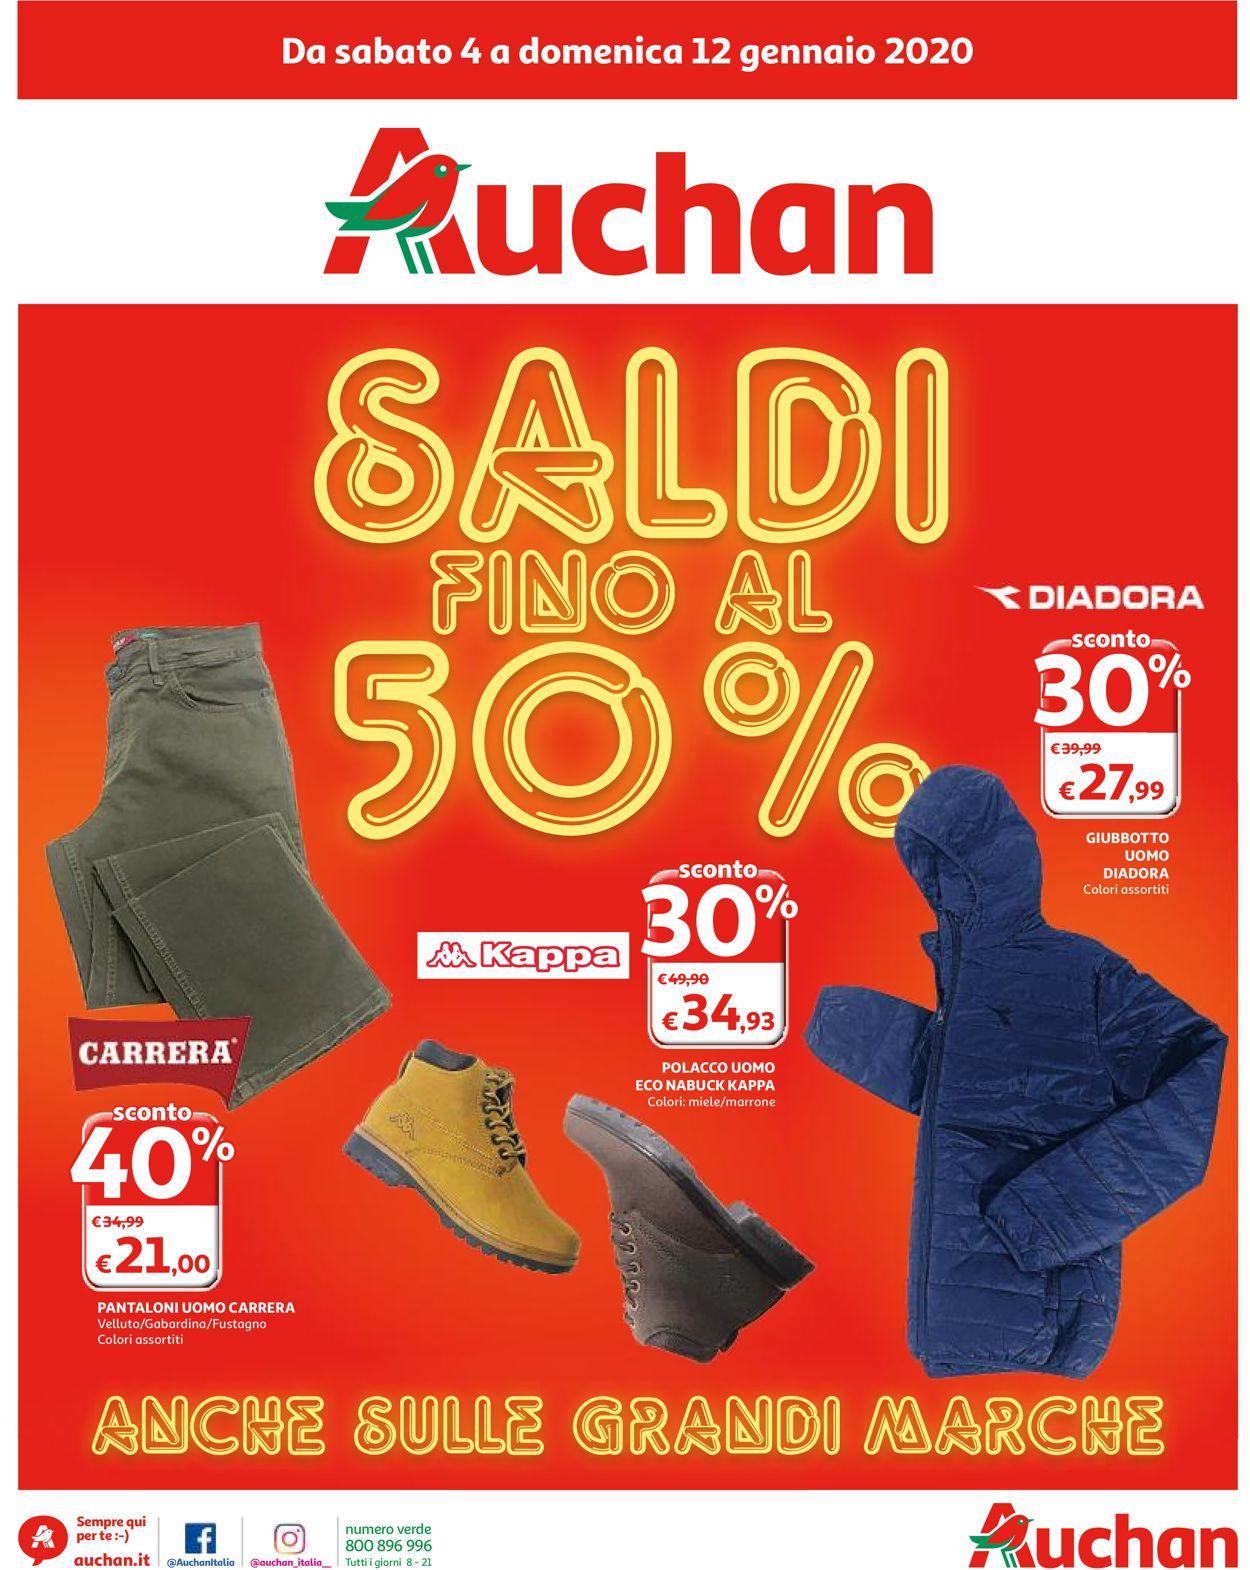 Volantino Auchan - Offerte 04/01-12/01/2020